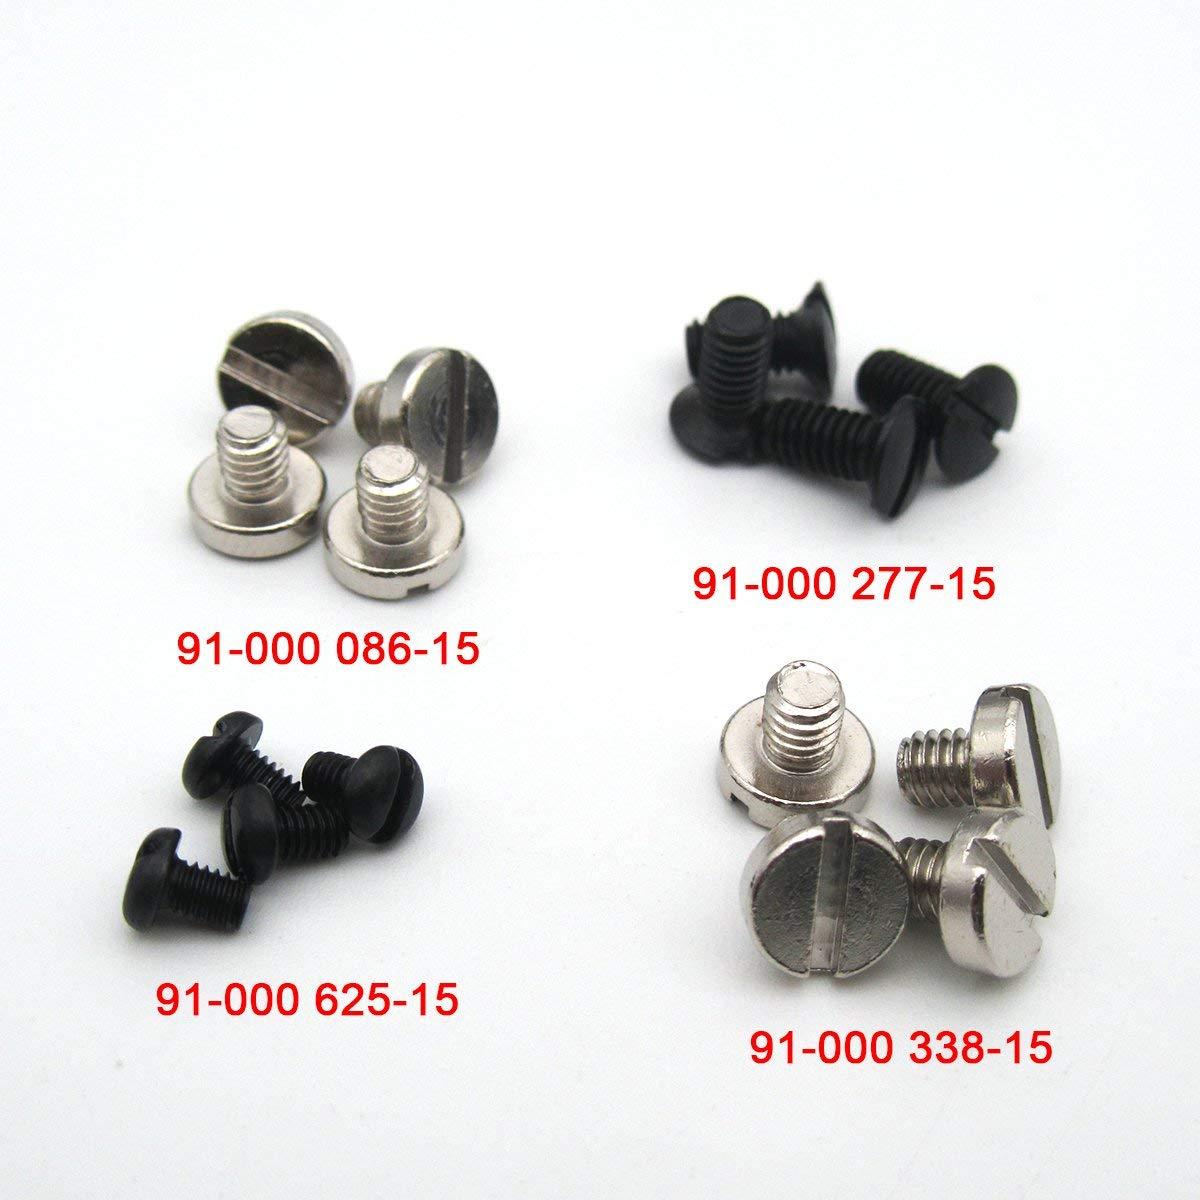 KUNPENG -4SET Screws # 335 Screws 4SET FIT for PFAFF 335 335G Needle Plate& Base&Feed Dog&Position Finger